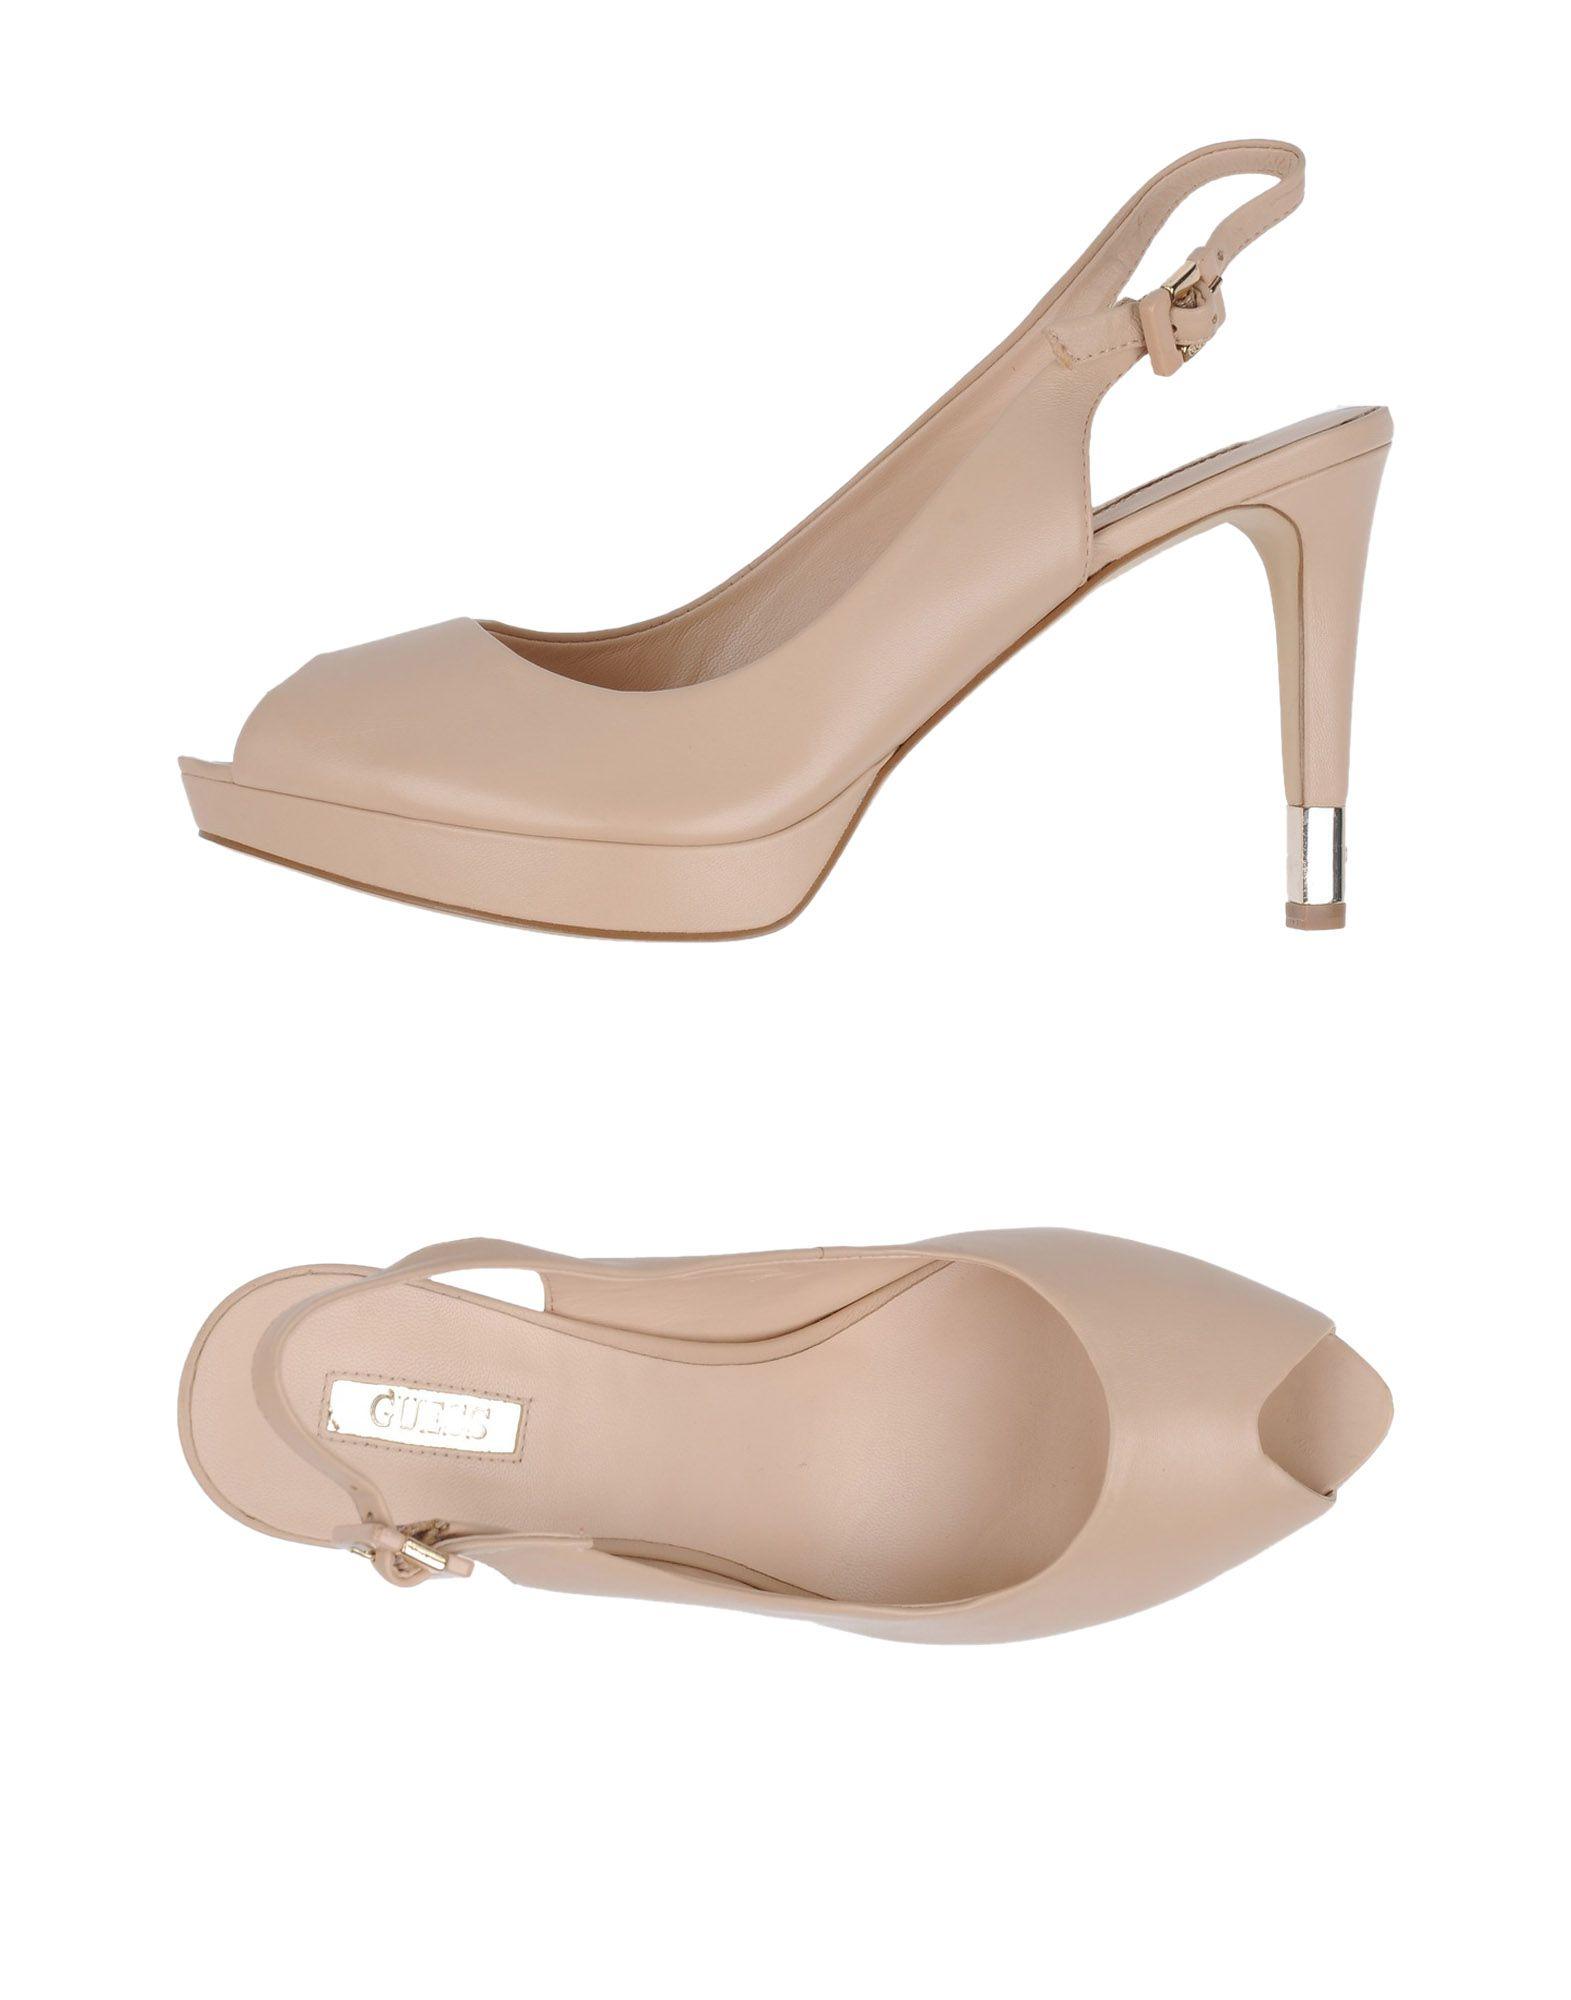 Sandali Guess Donna - 11257593HG Scarpe economiche e buone